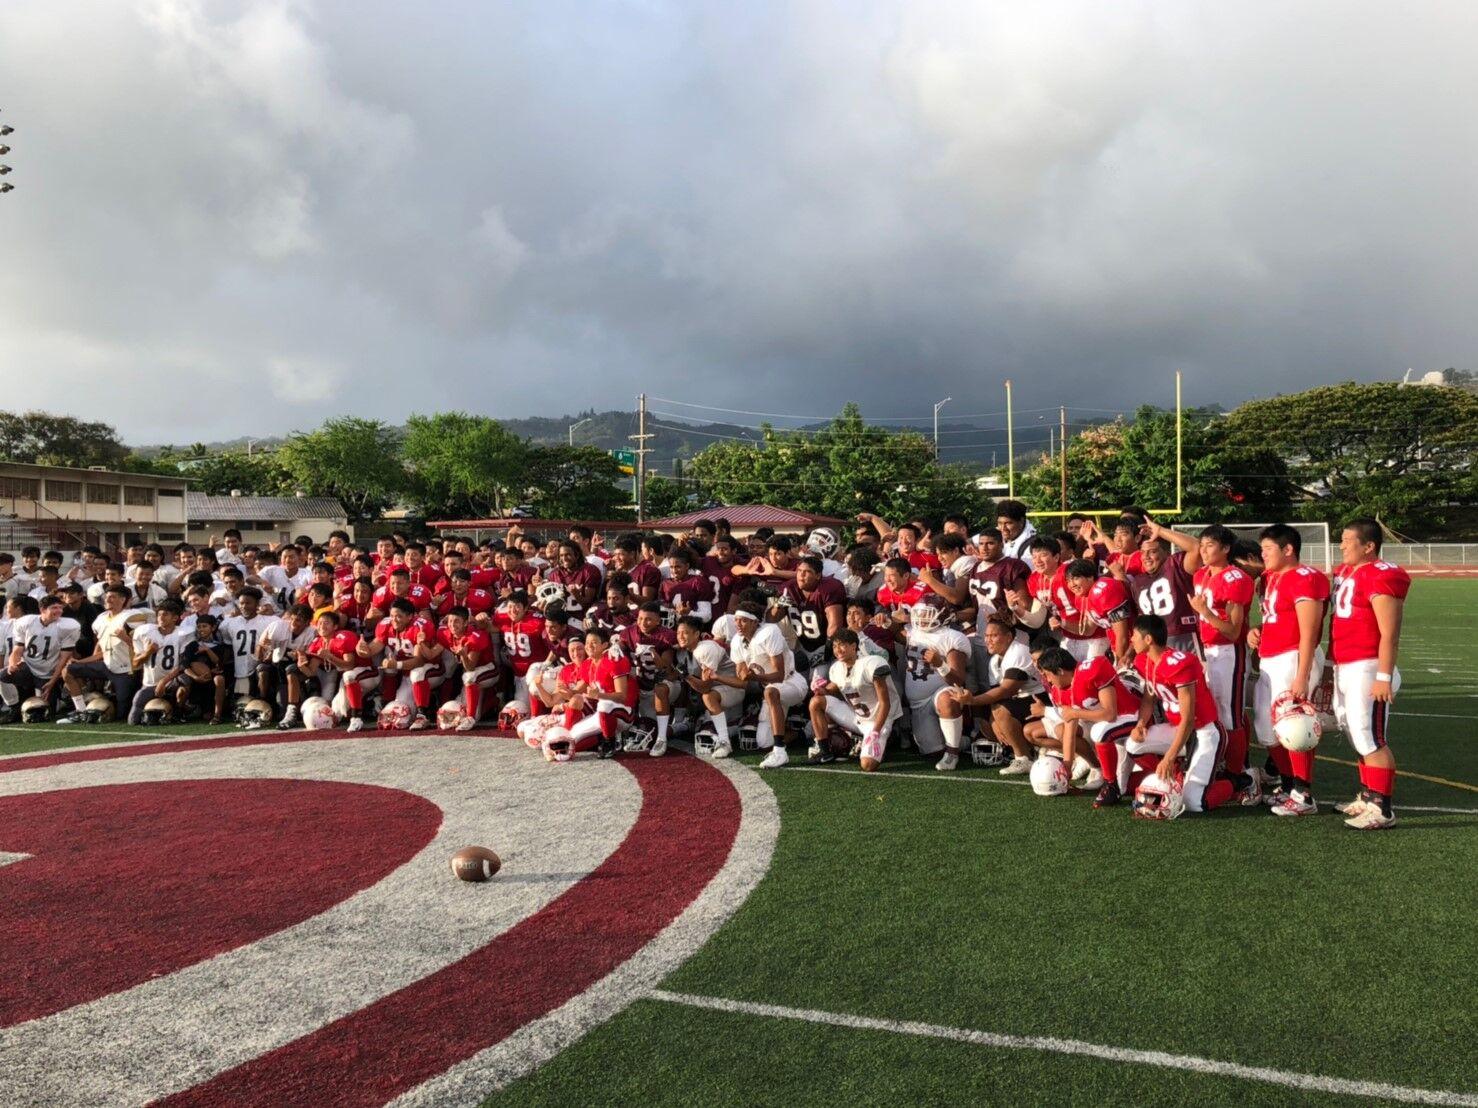 現地の高校生と交流する佼成学園の選手、スタッフ=佼成学園高校アメリカンフットボール部提供